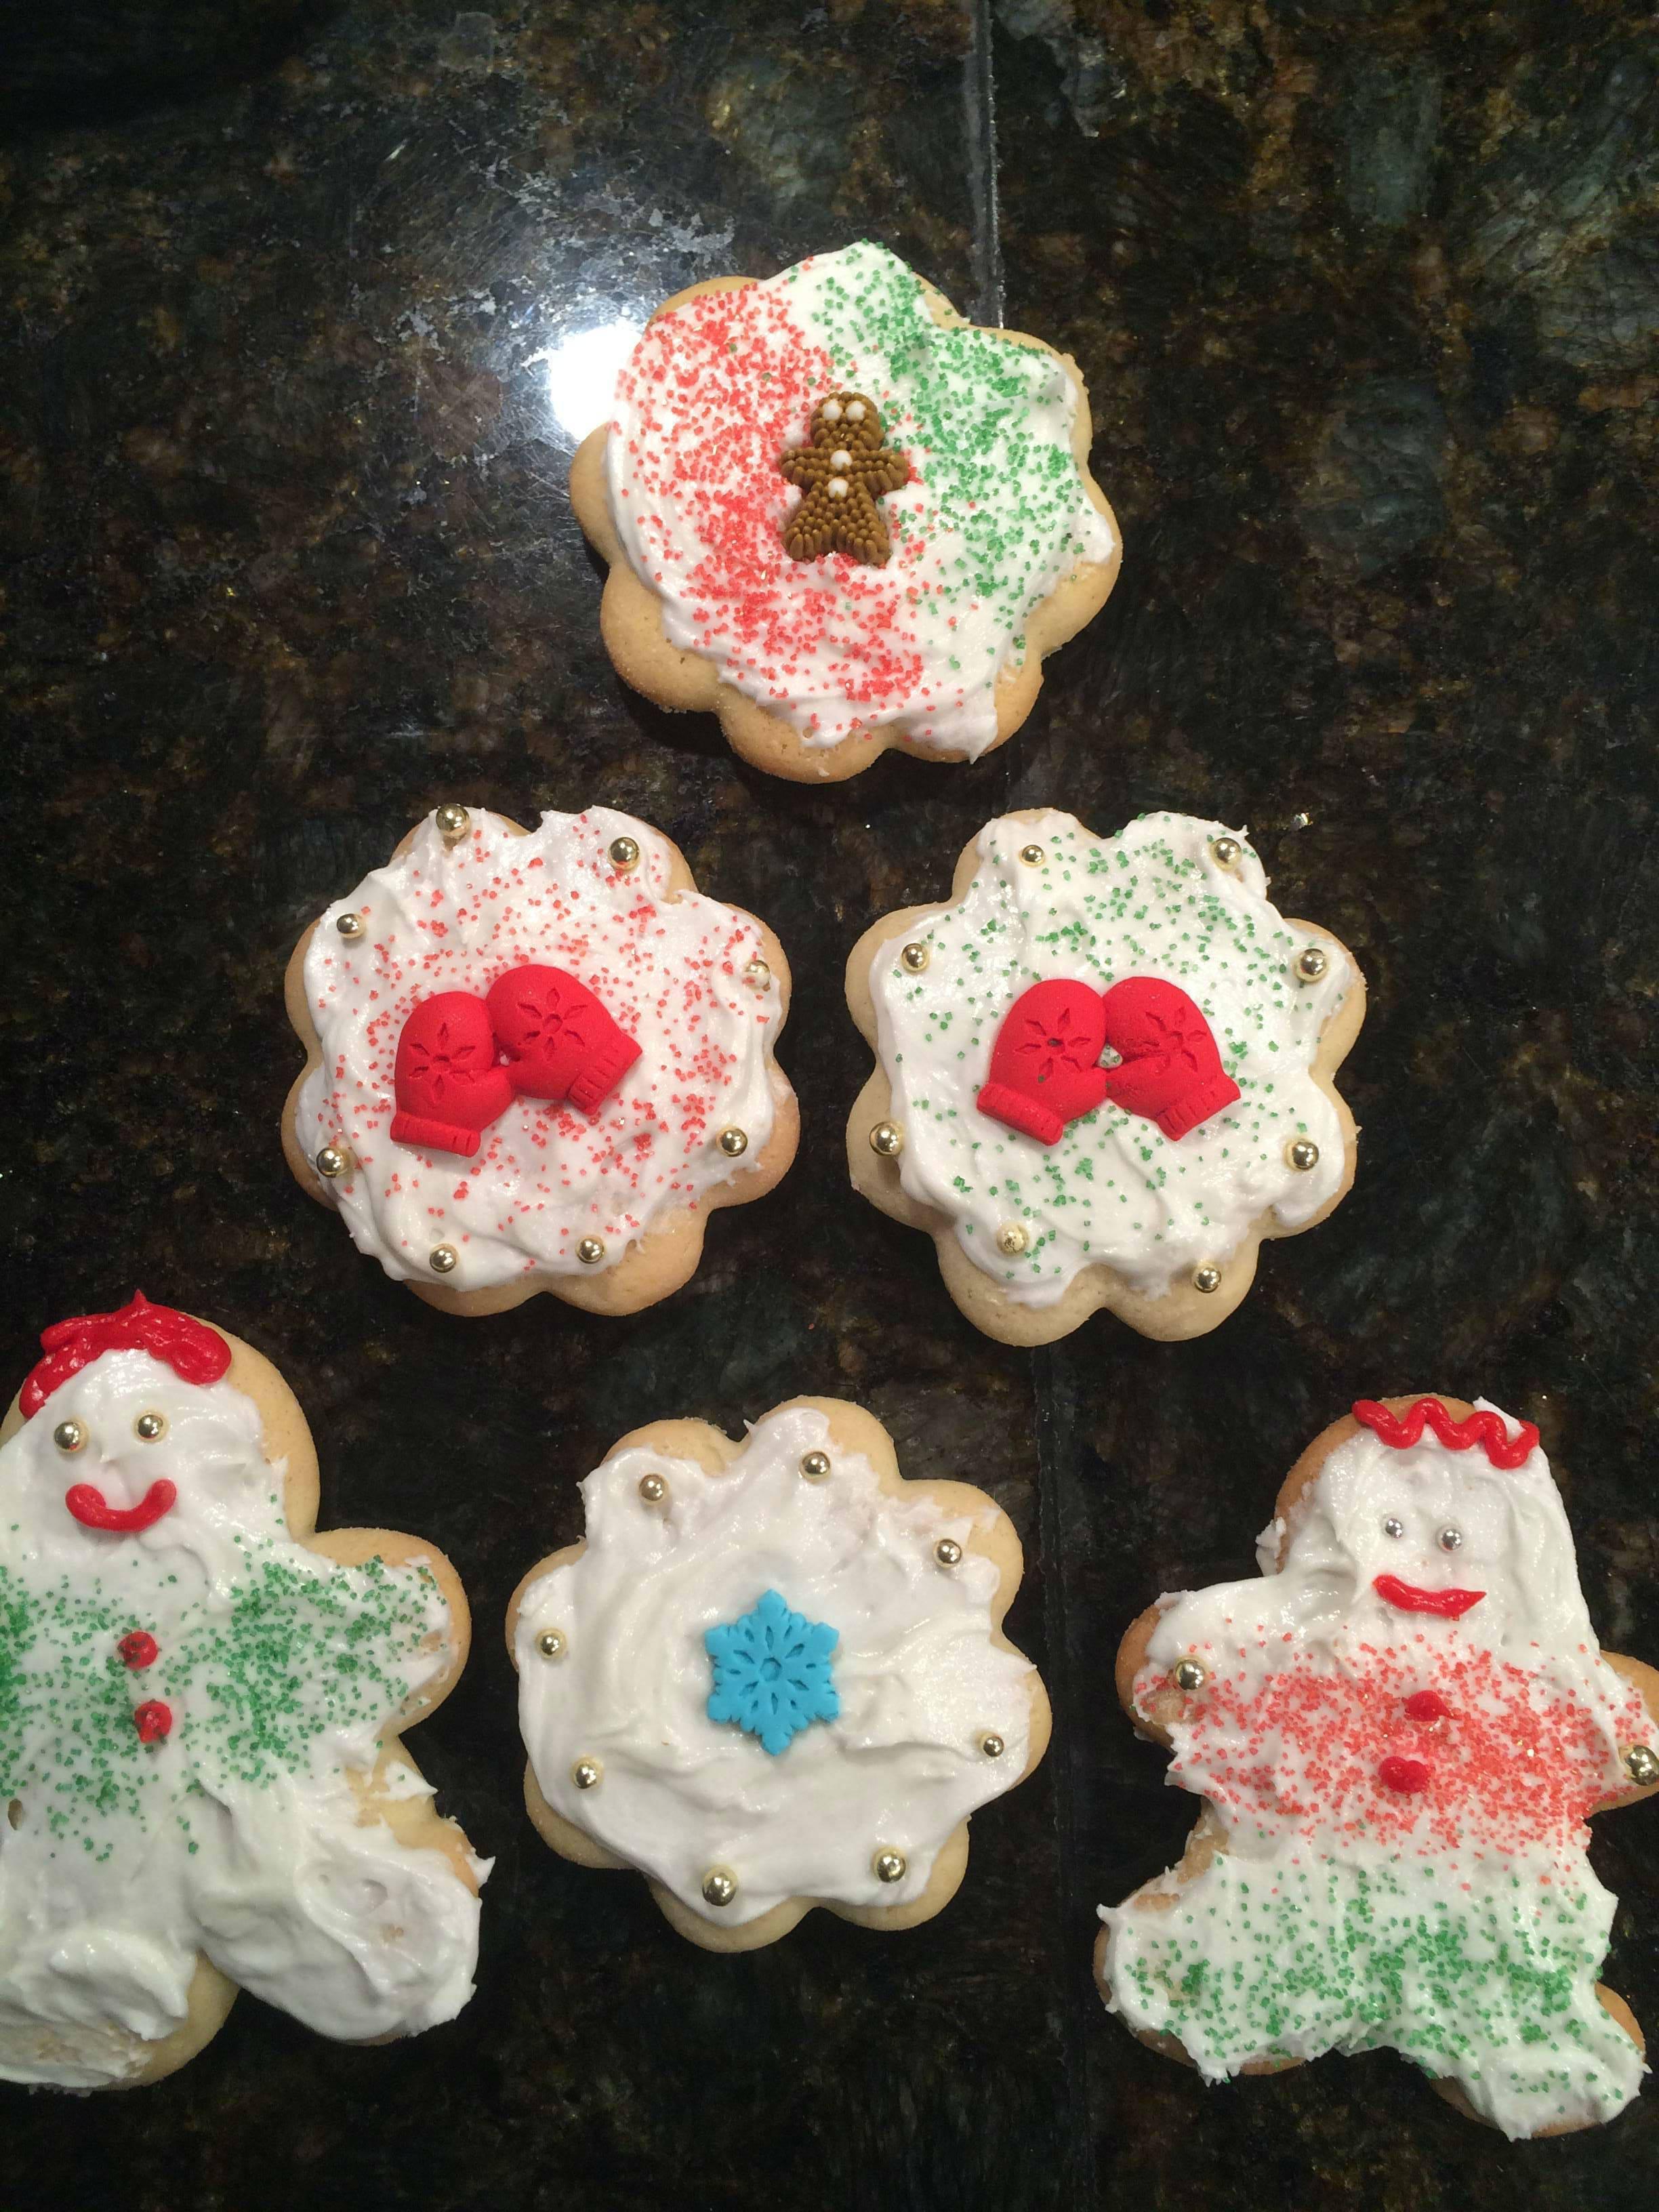 1a56777e30154ba159a2_95324786a3f3a8799970_sugar_cookie.JPG